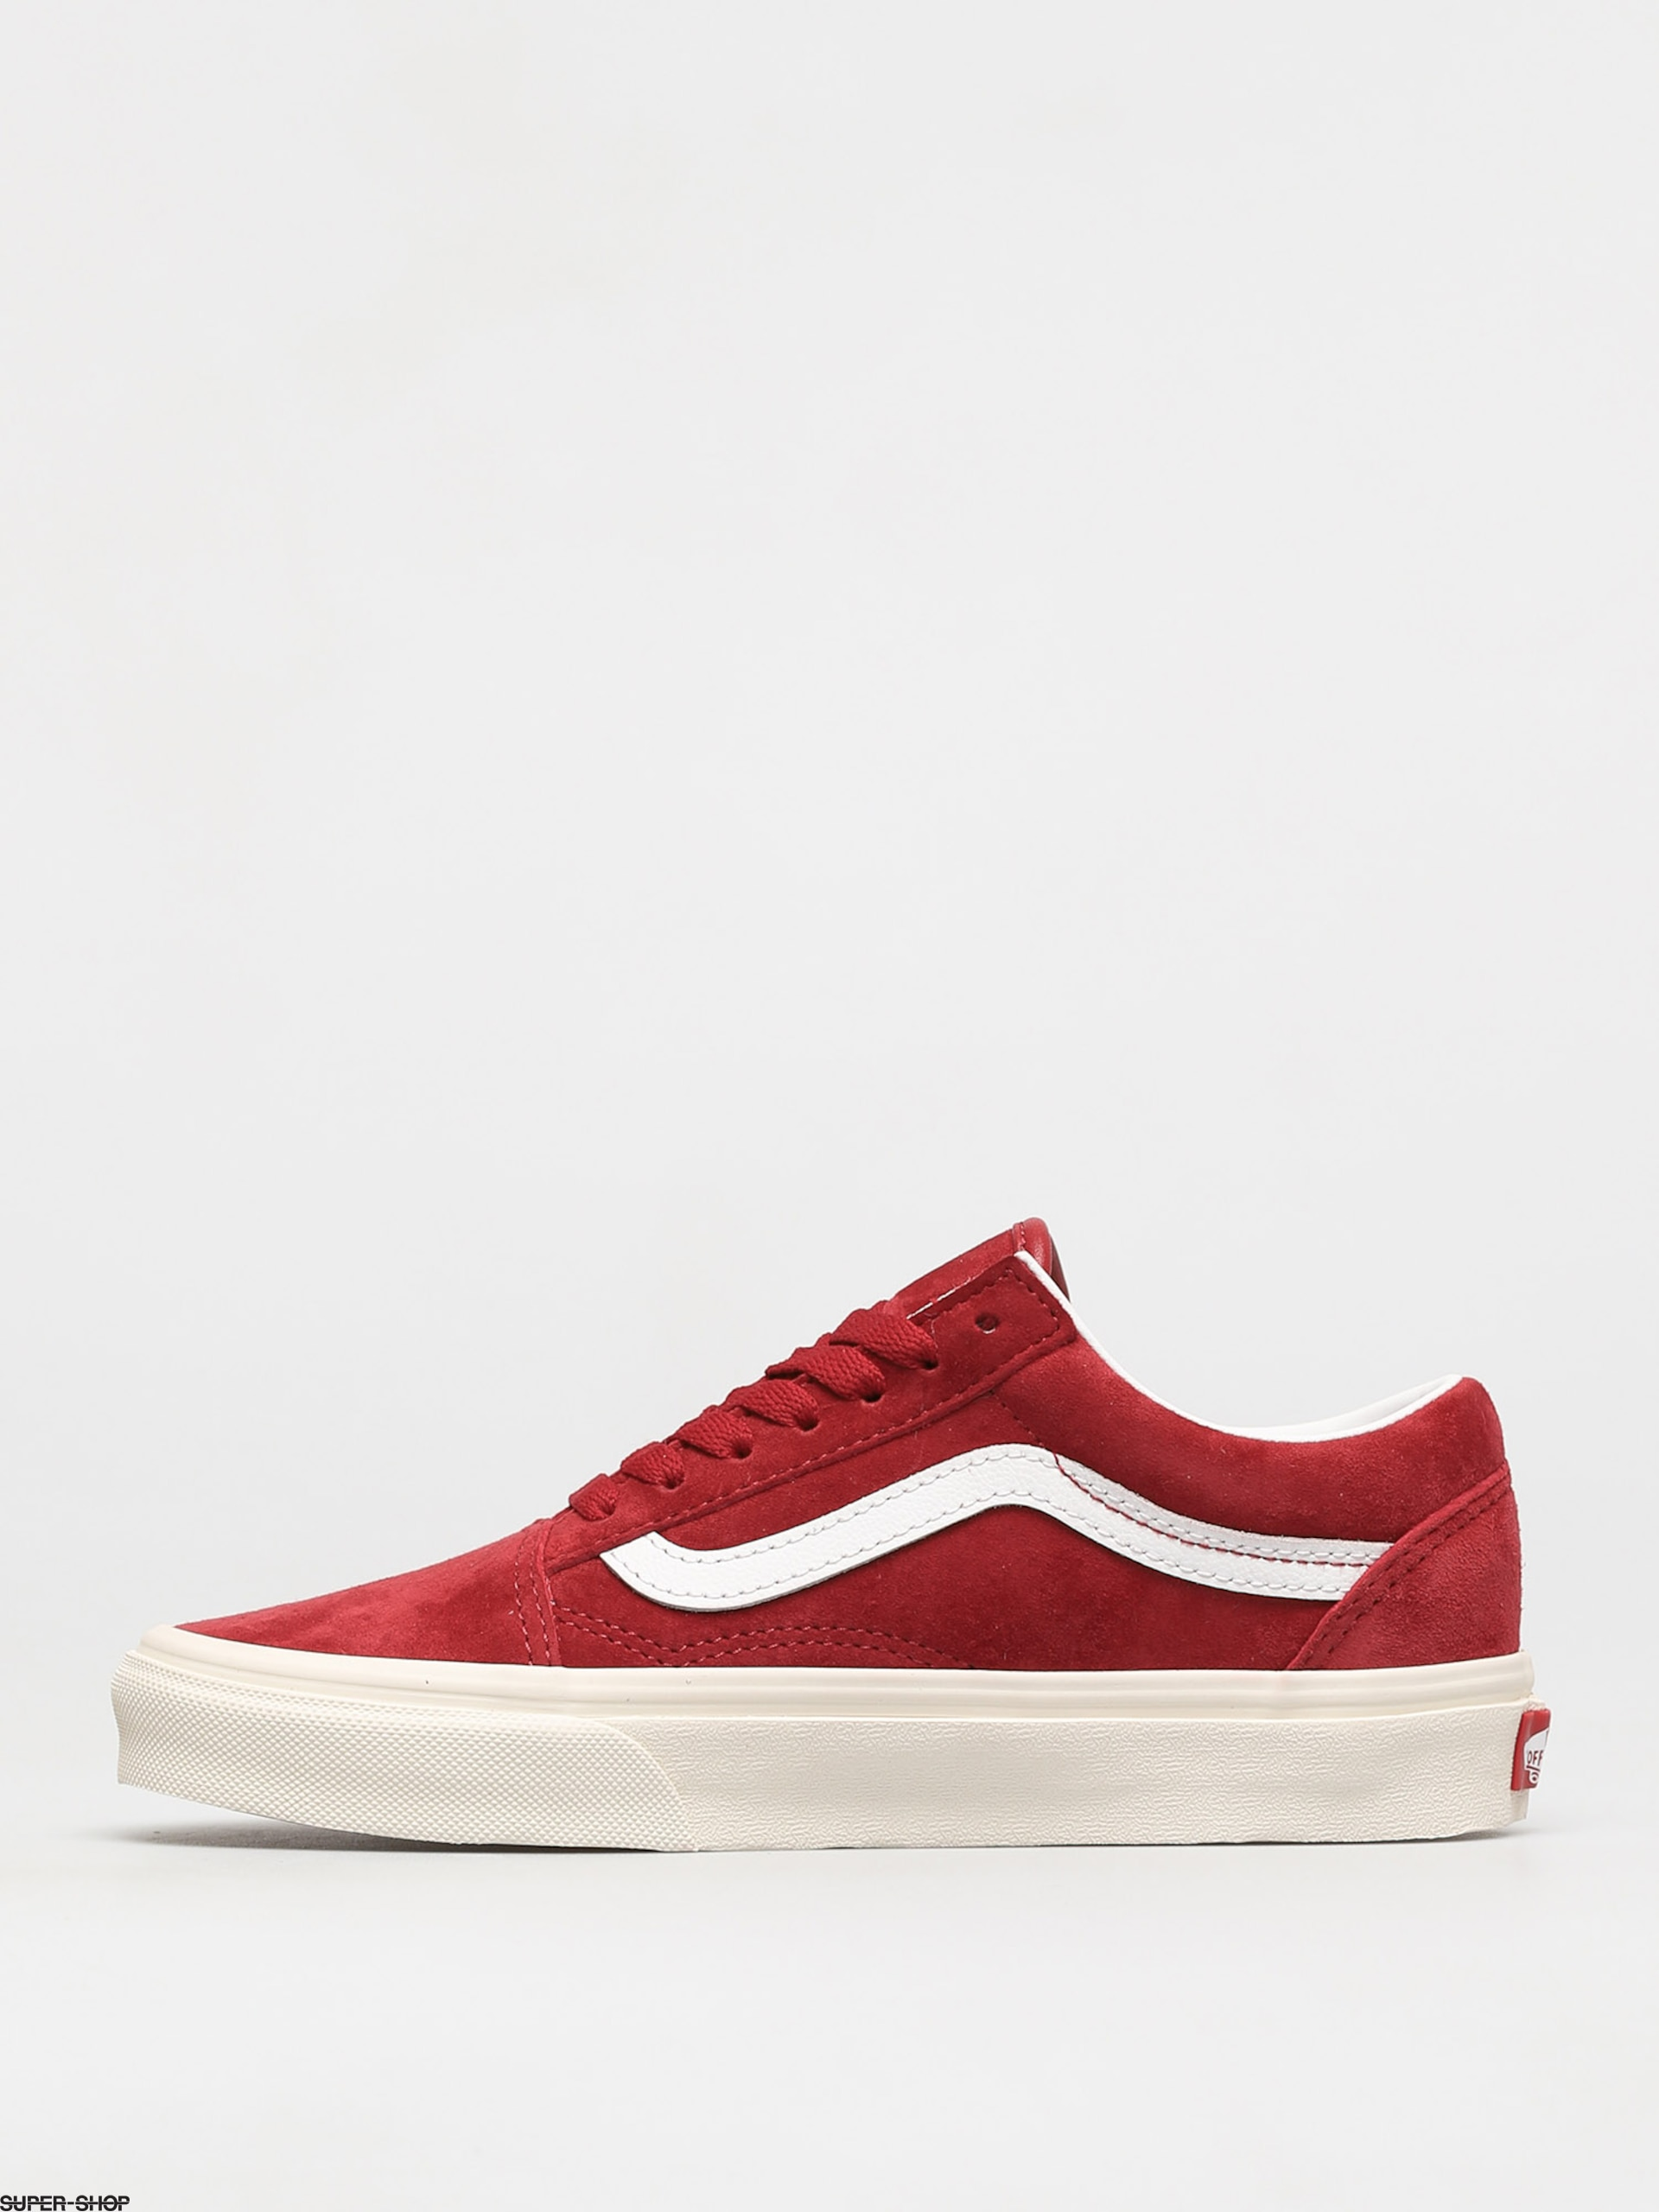 Vans Old Skool Shoes (pig suede/chl ppr